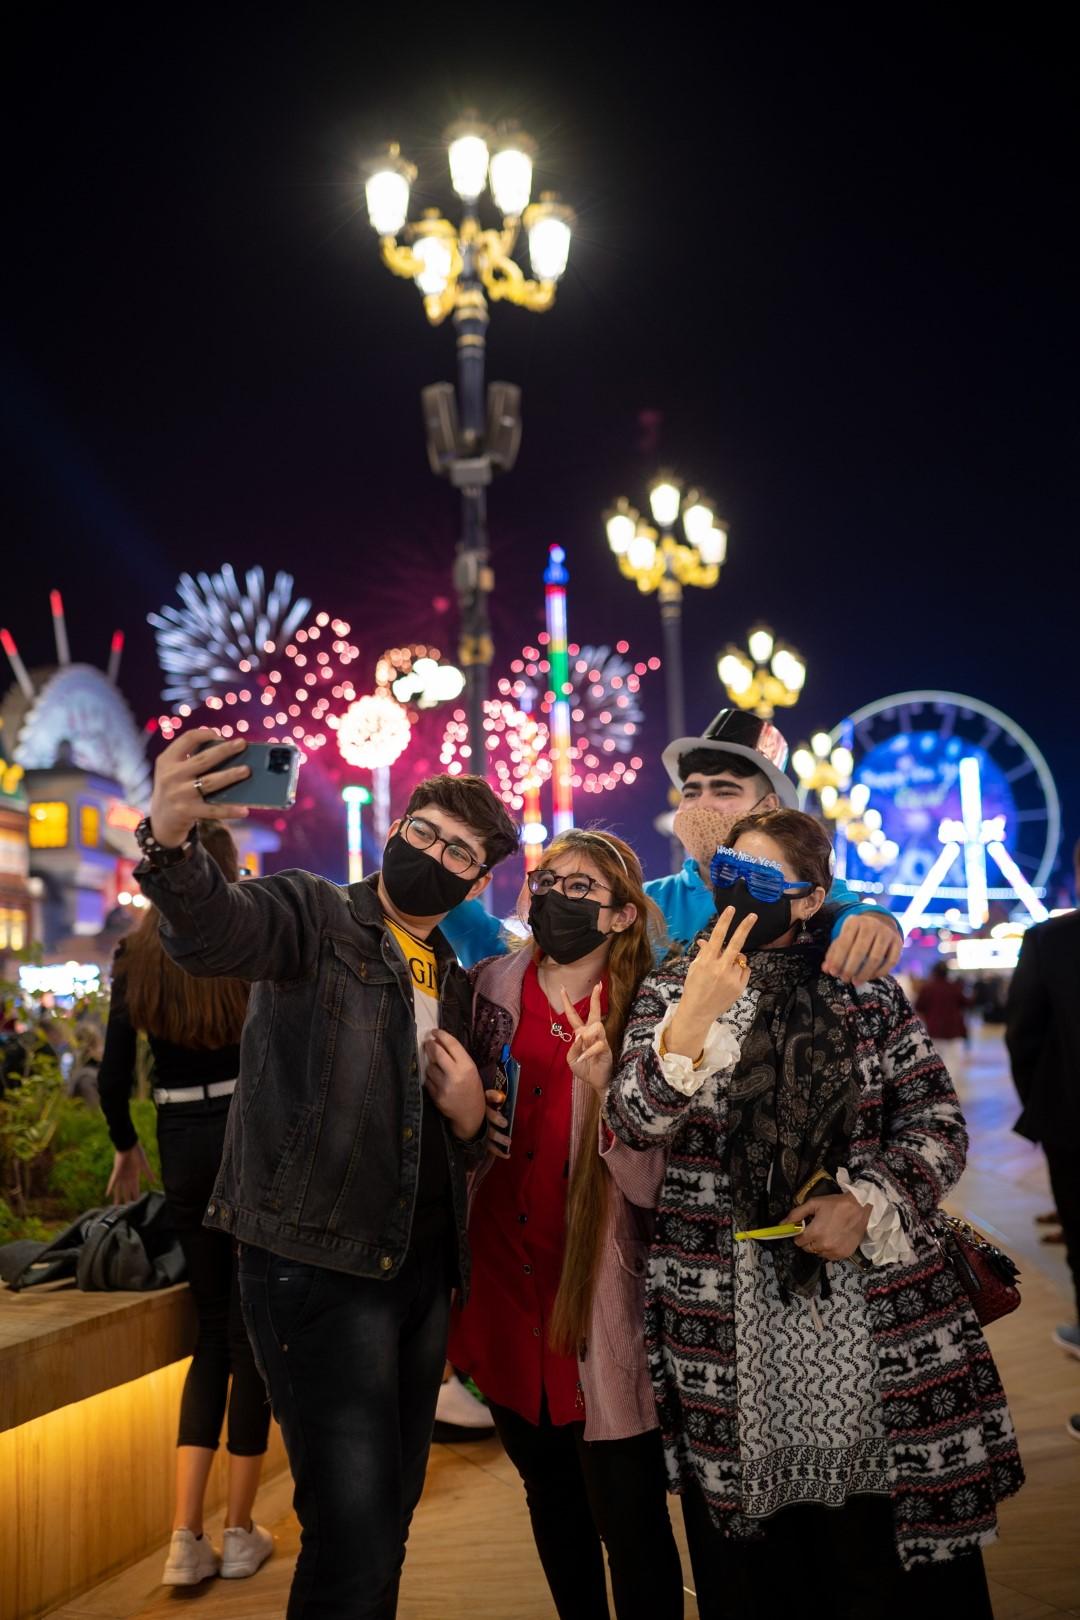 القرية العالمية تشهد احتفالات استثنائية بمناسبة رأس السنة الجديدة 2021